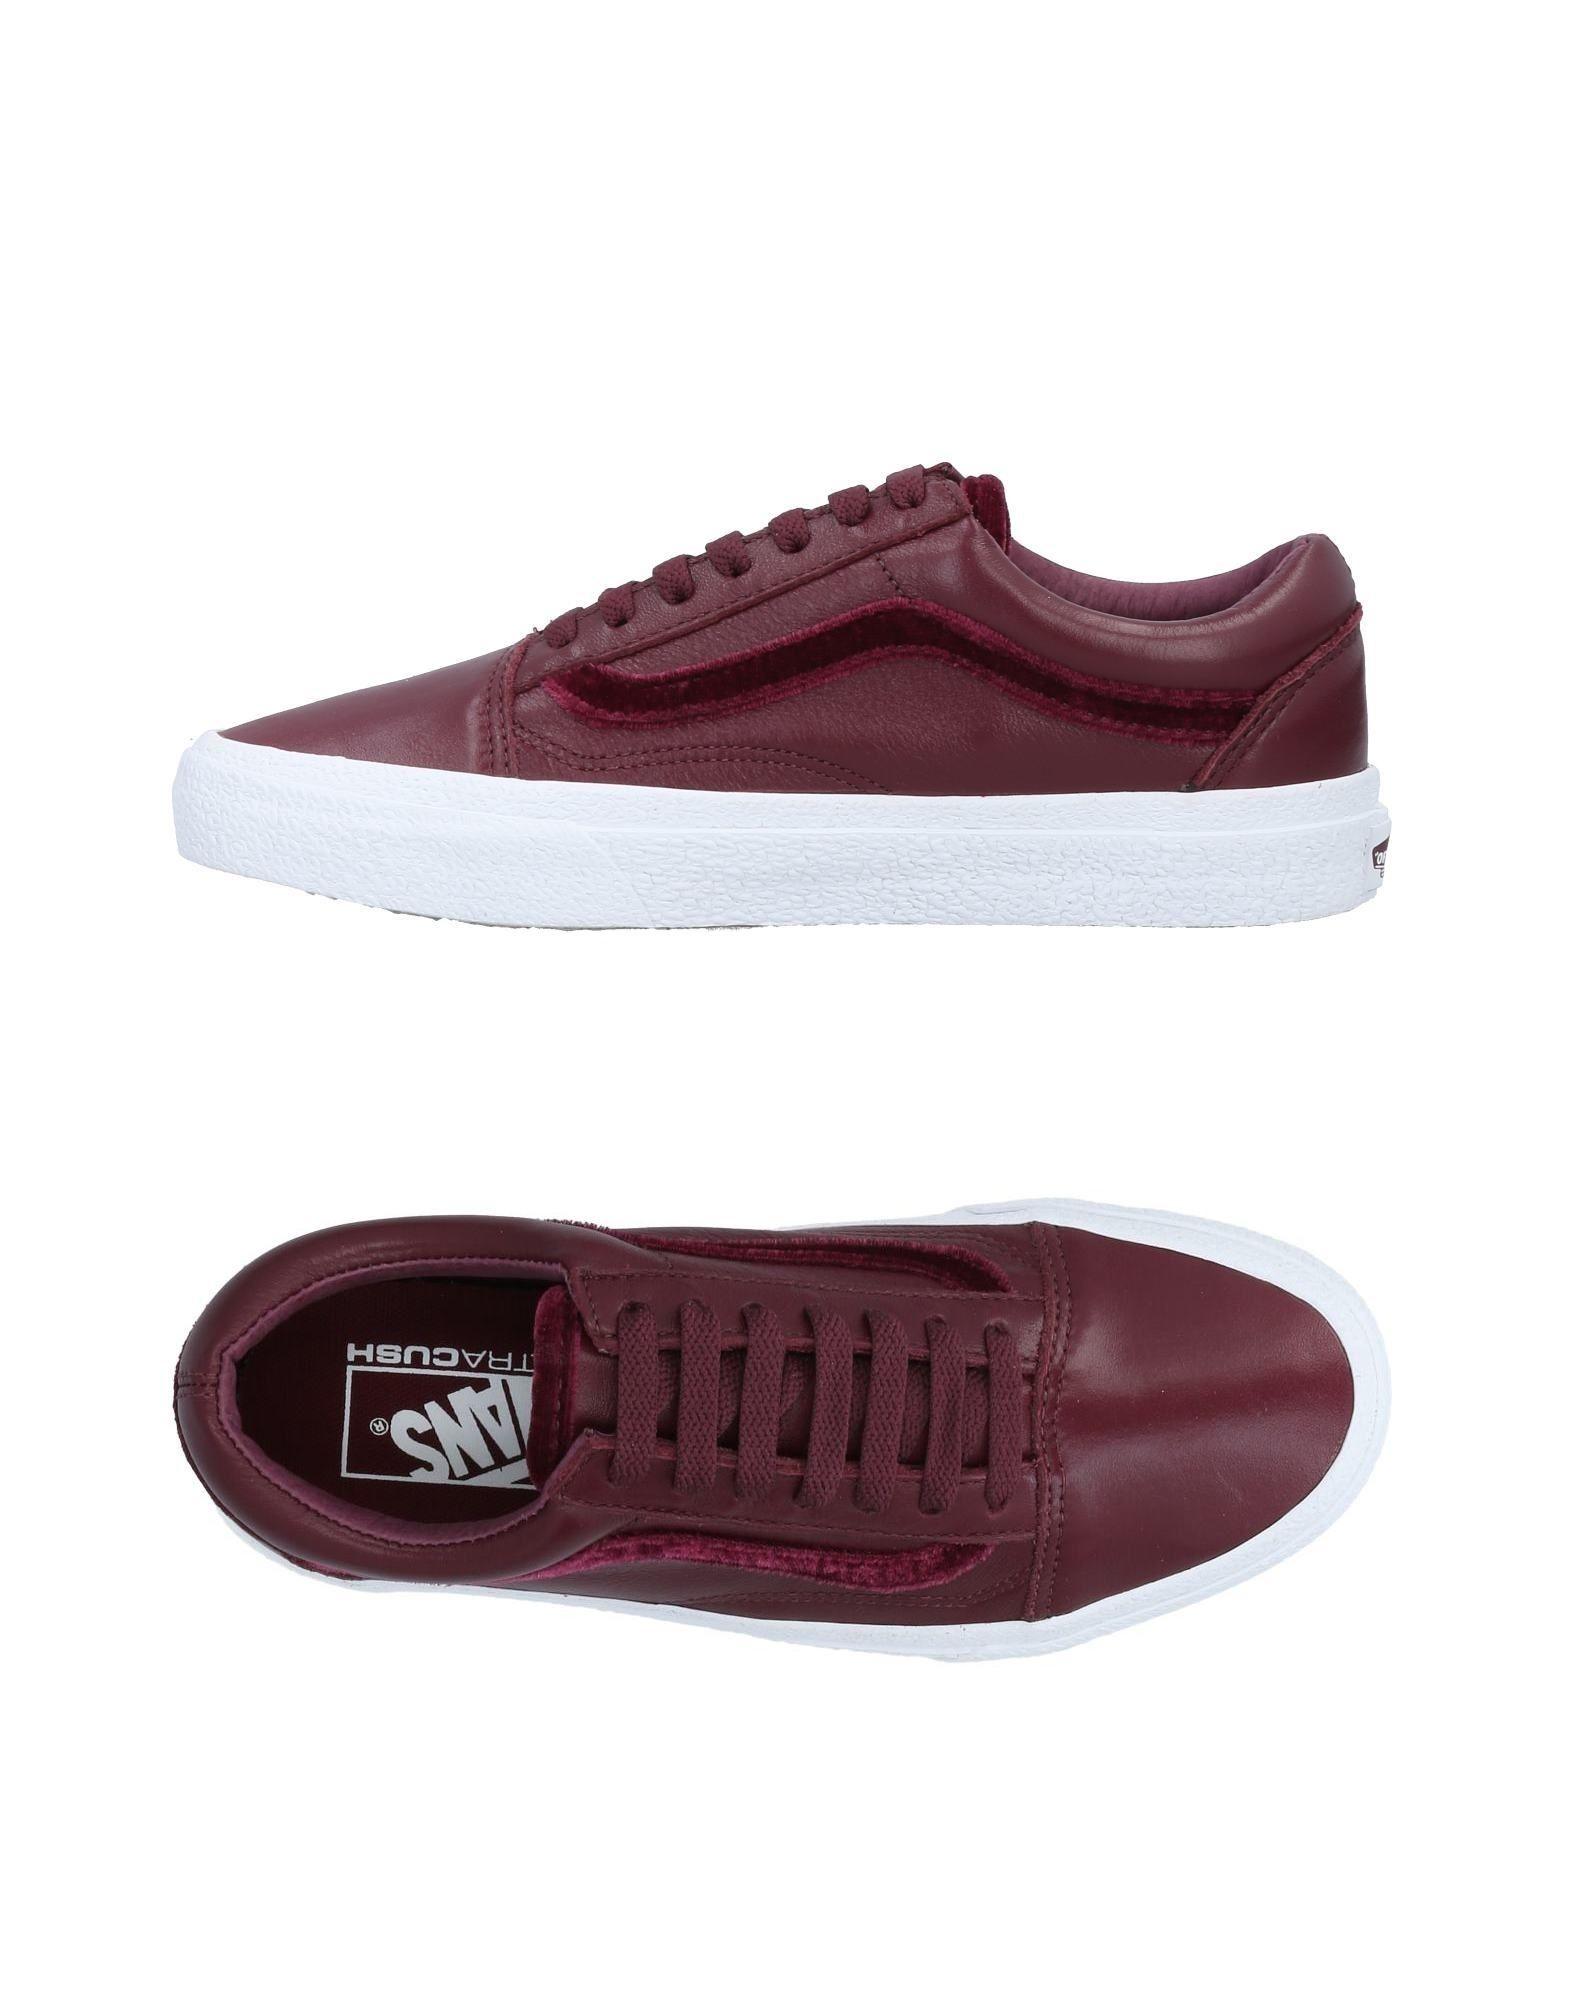 Vans Sneakers Damen beliebte  11494510NG Gute Qualität beliebte Damen Schuhe 898b14